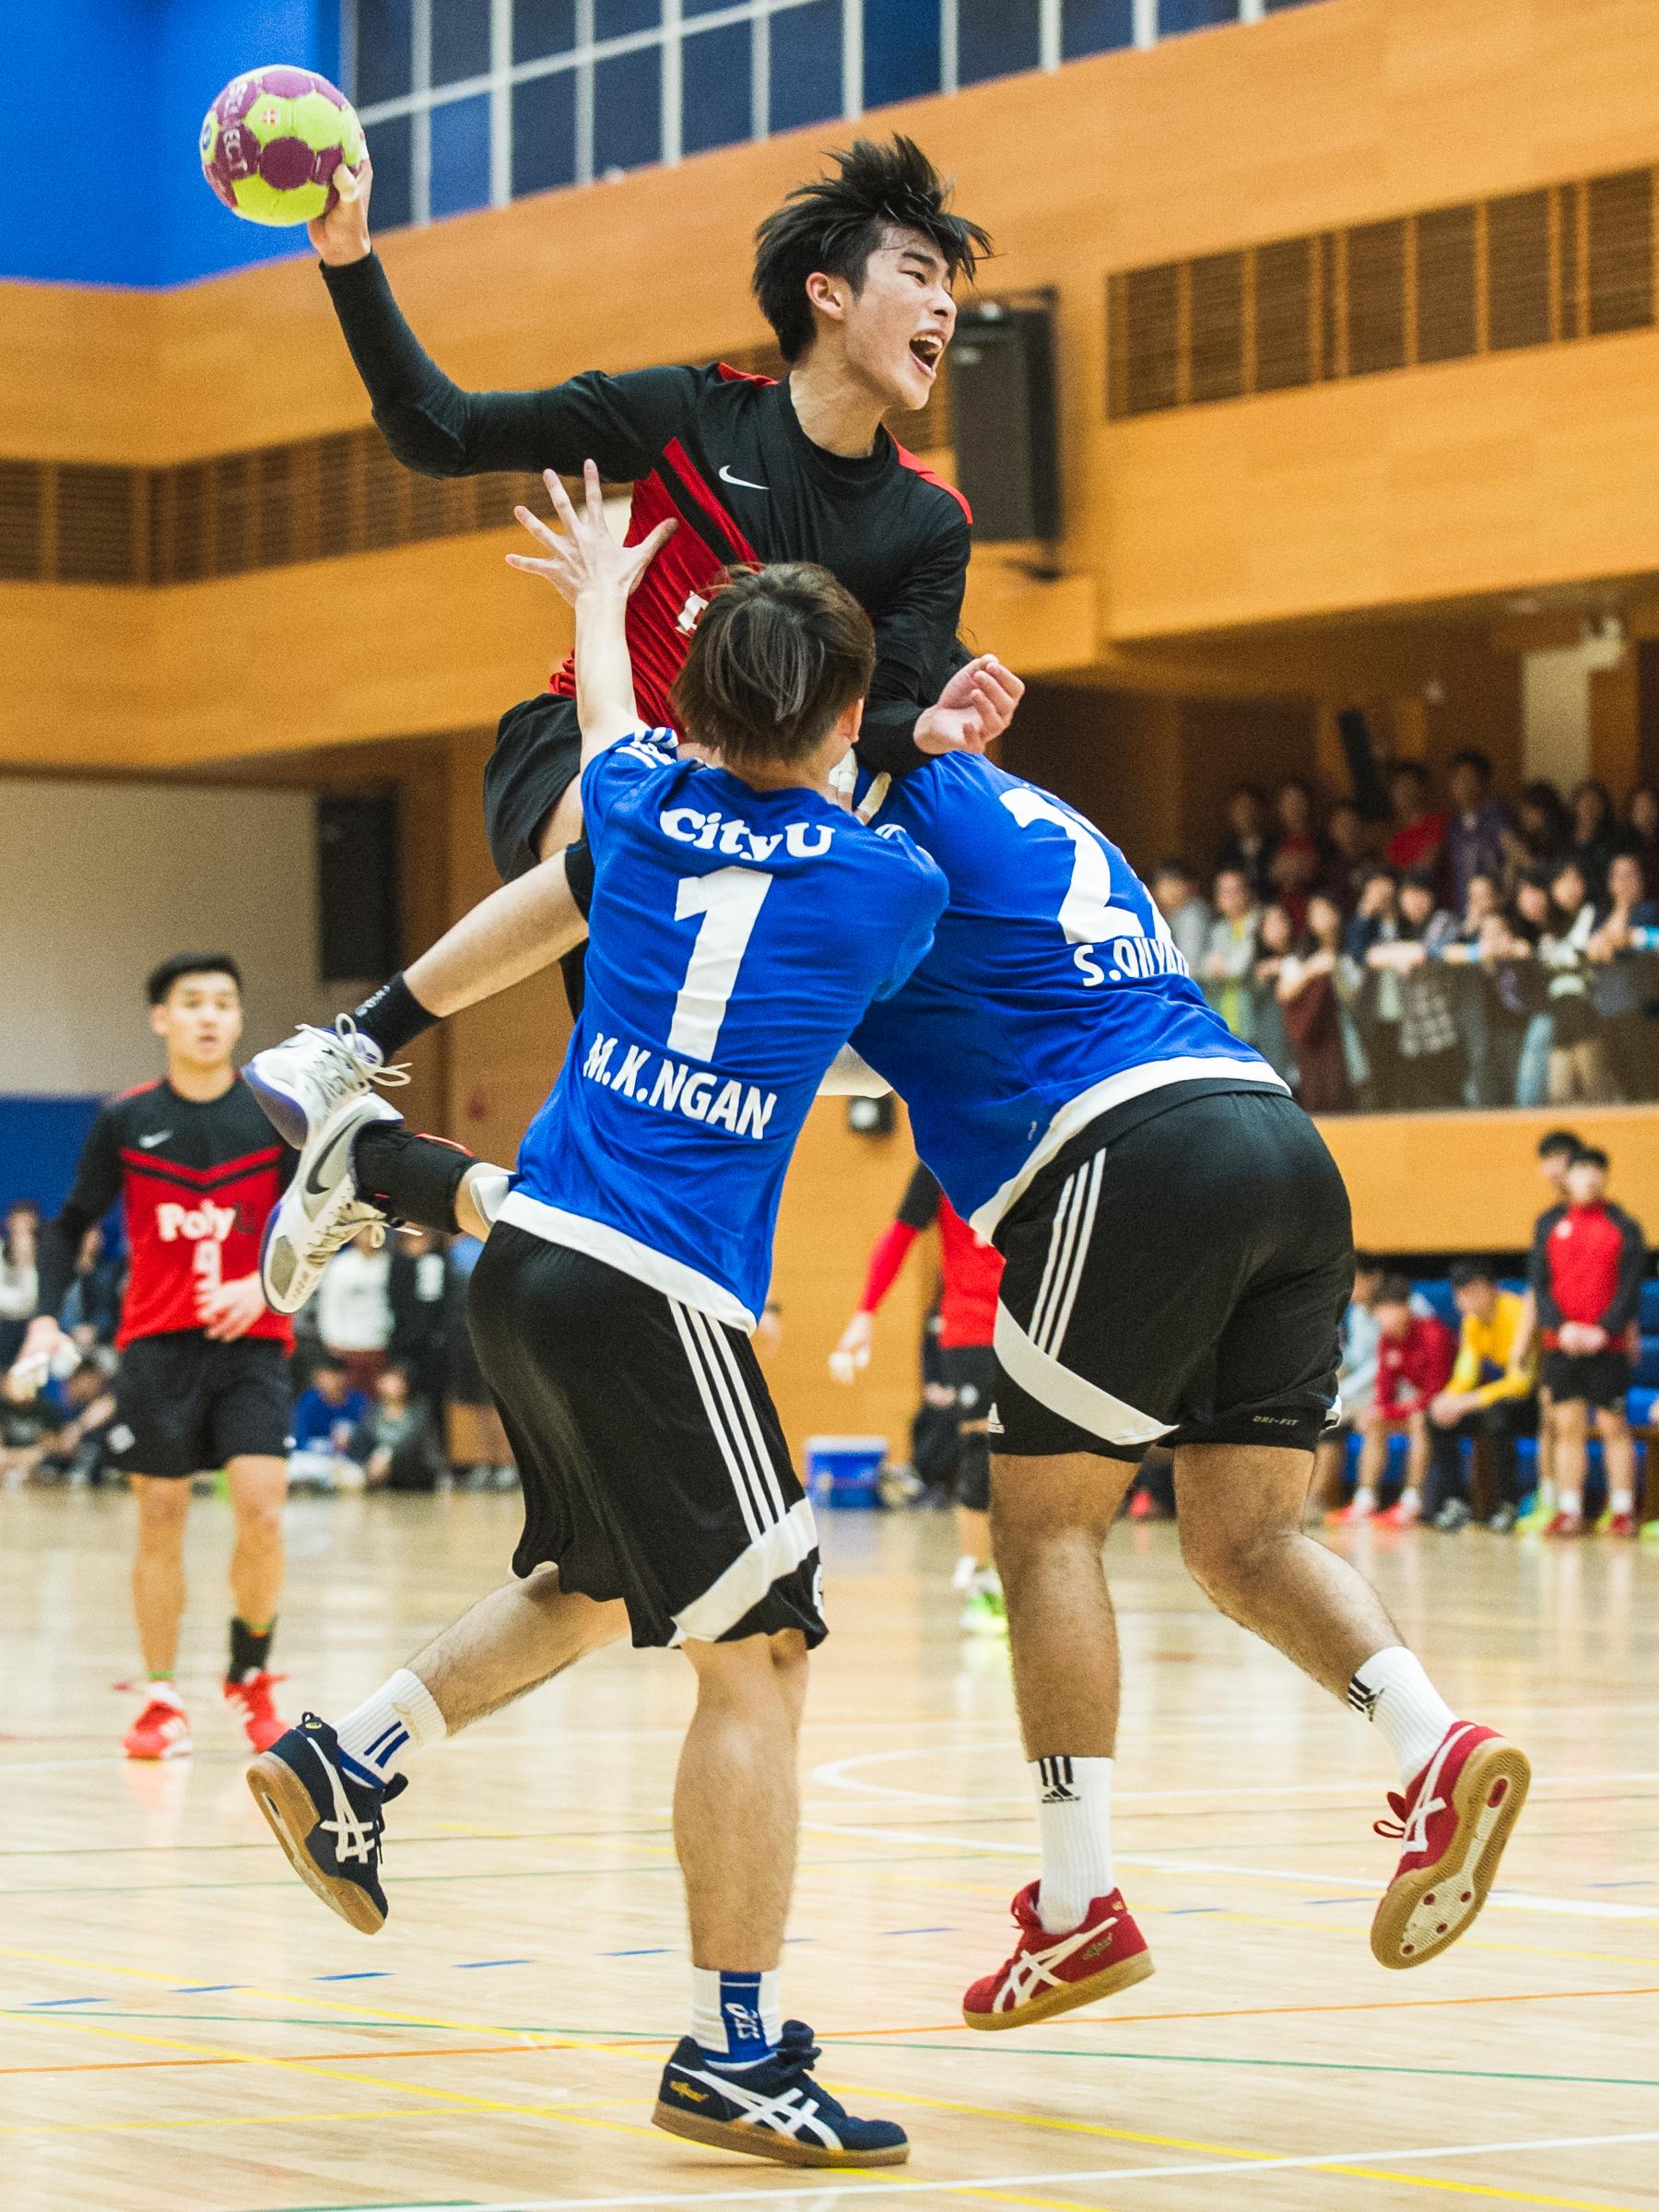 20160319-handball-18.jpg